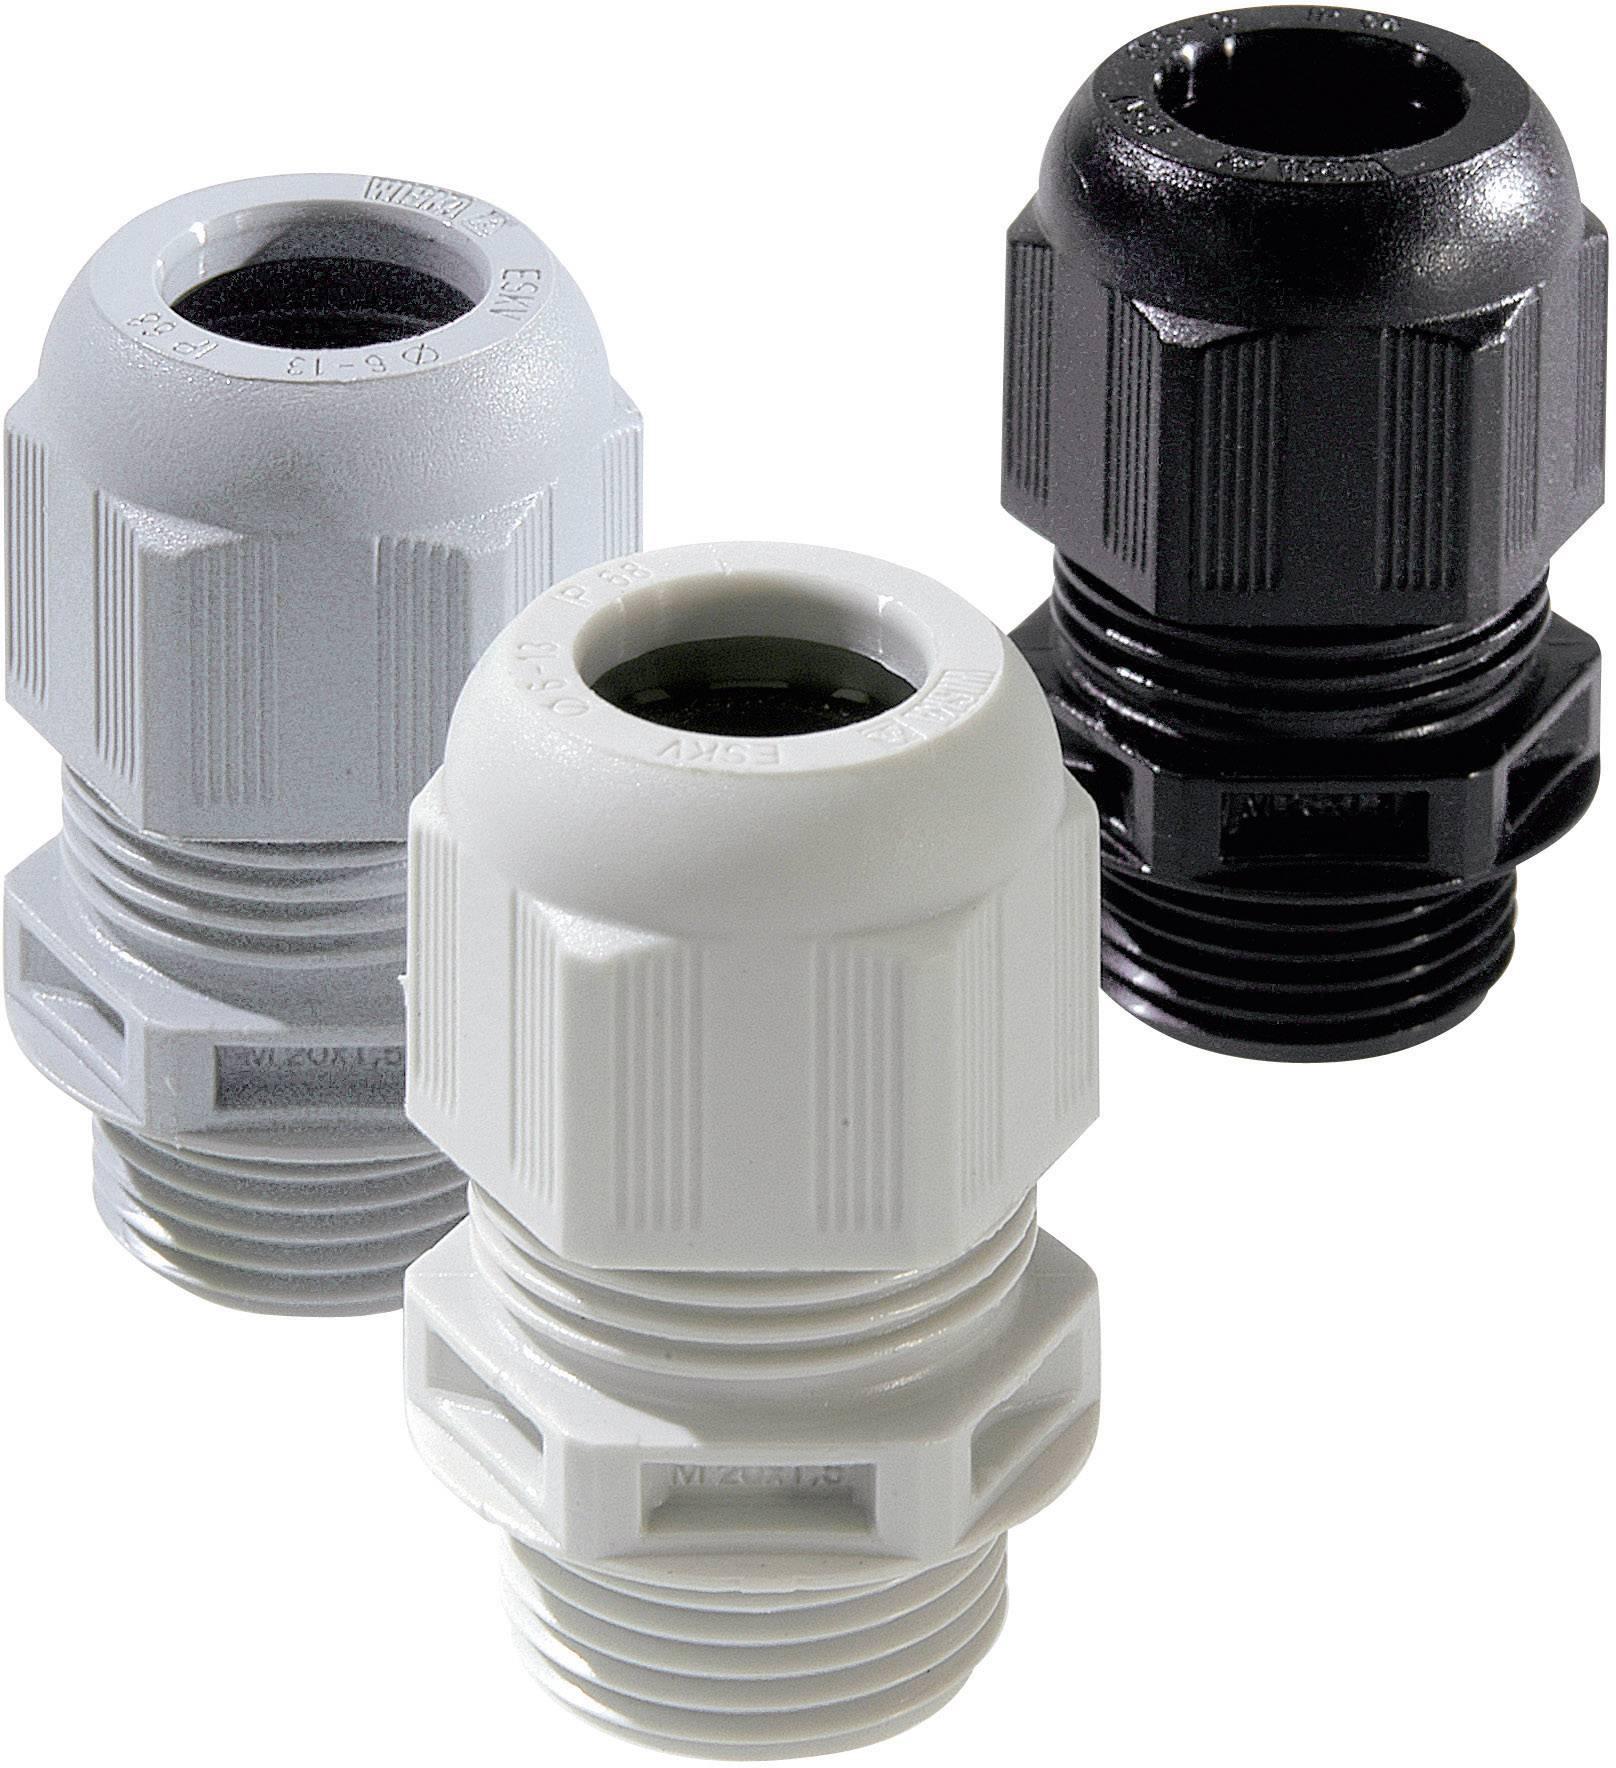 Káblová priechodka Wiska ESKV M12 RAL 7001, polyamid, striebornosivá, 1 ks